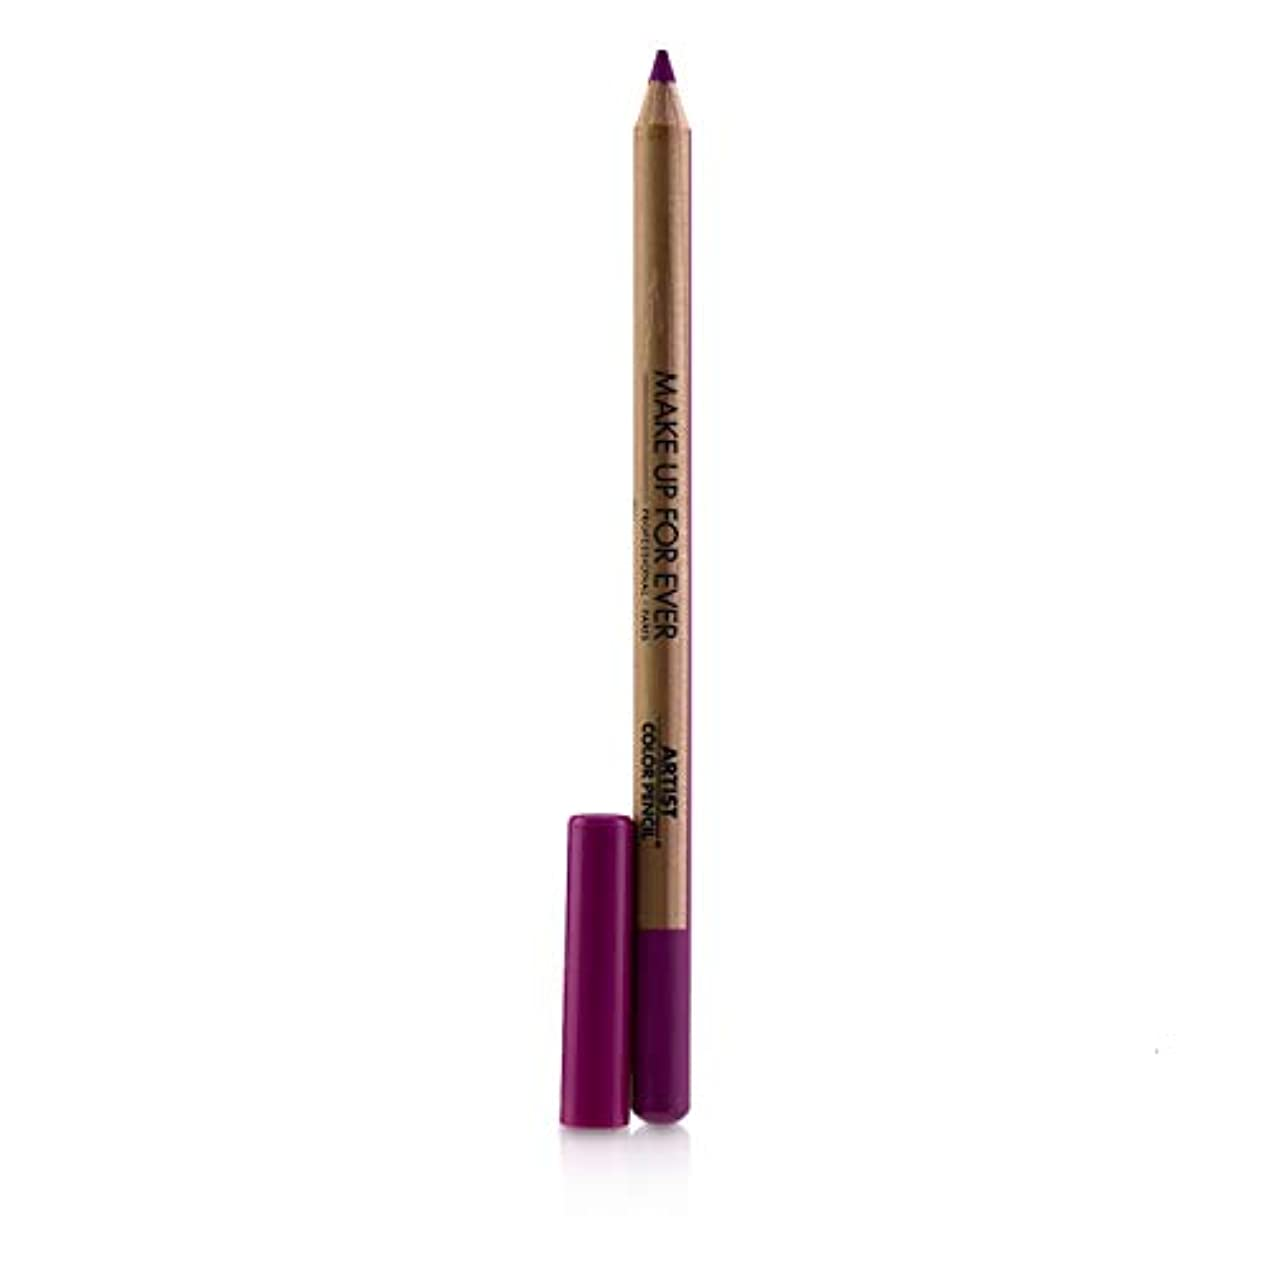 研究所プランテーション積分メイクアップフォーエバー Artist Color Pencil - # 812 Multi Pink 1.41g/0.04oz並行輸入品